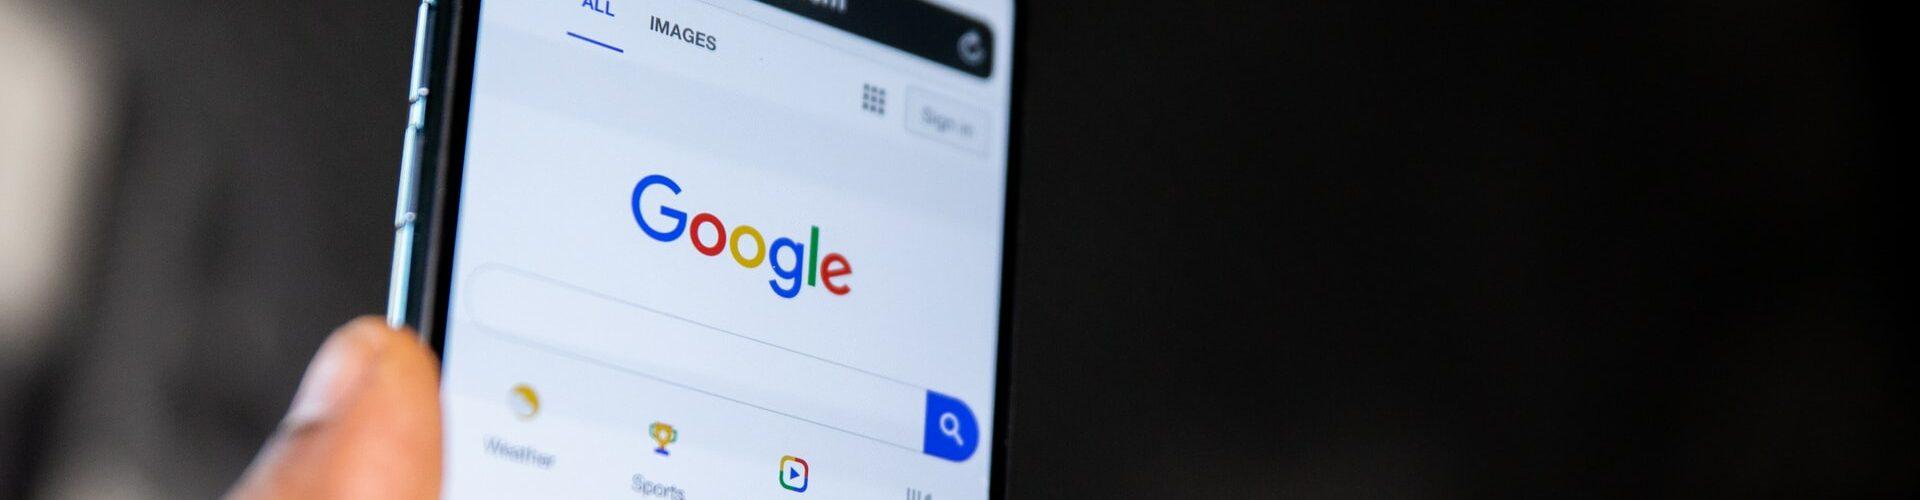 Mão segura smartphone no Google